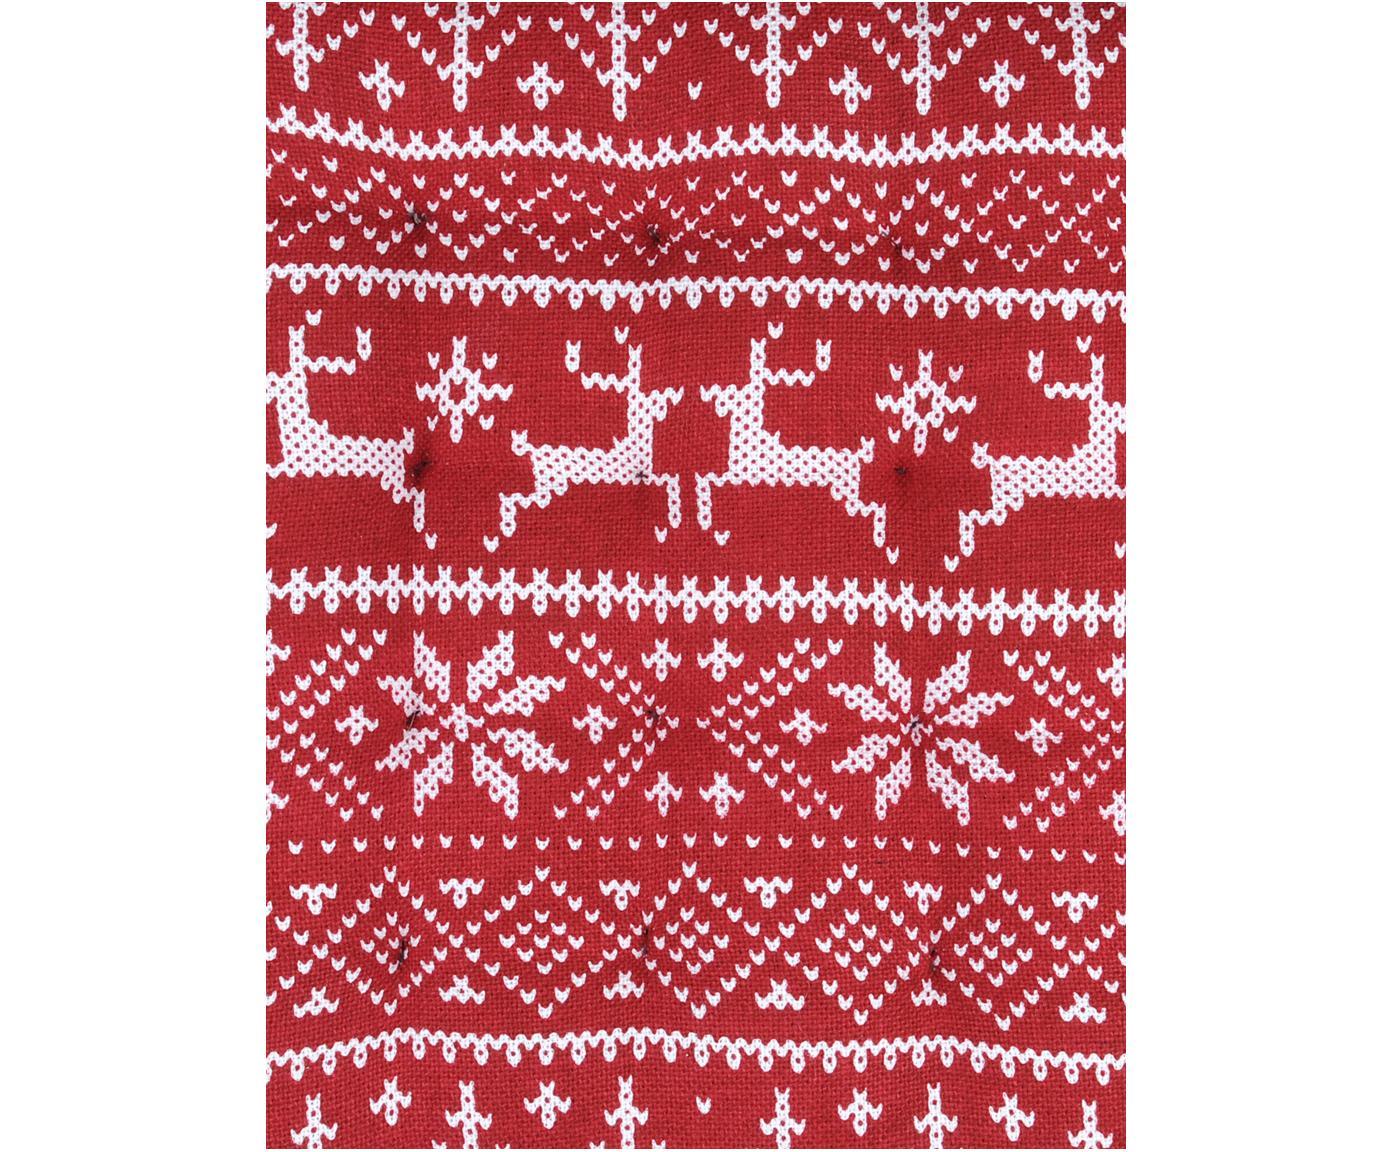 Sitzkissen Valmorel mit winterlichen Motiven, Rot, Weiß, 40 x 40 cm